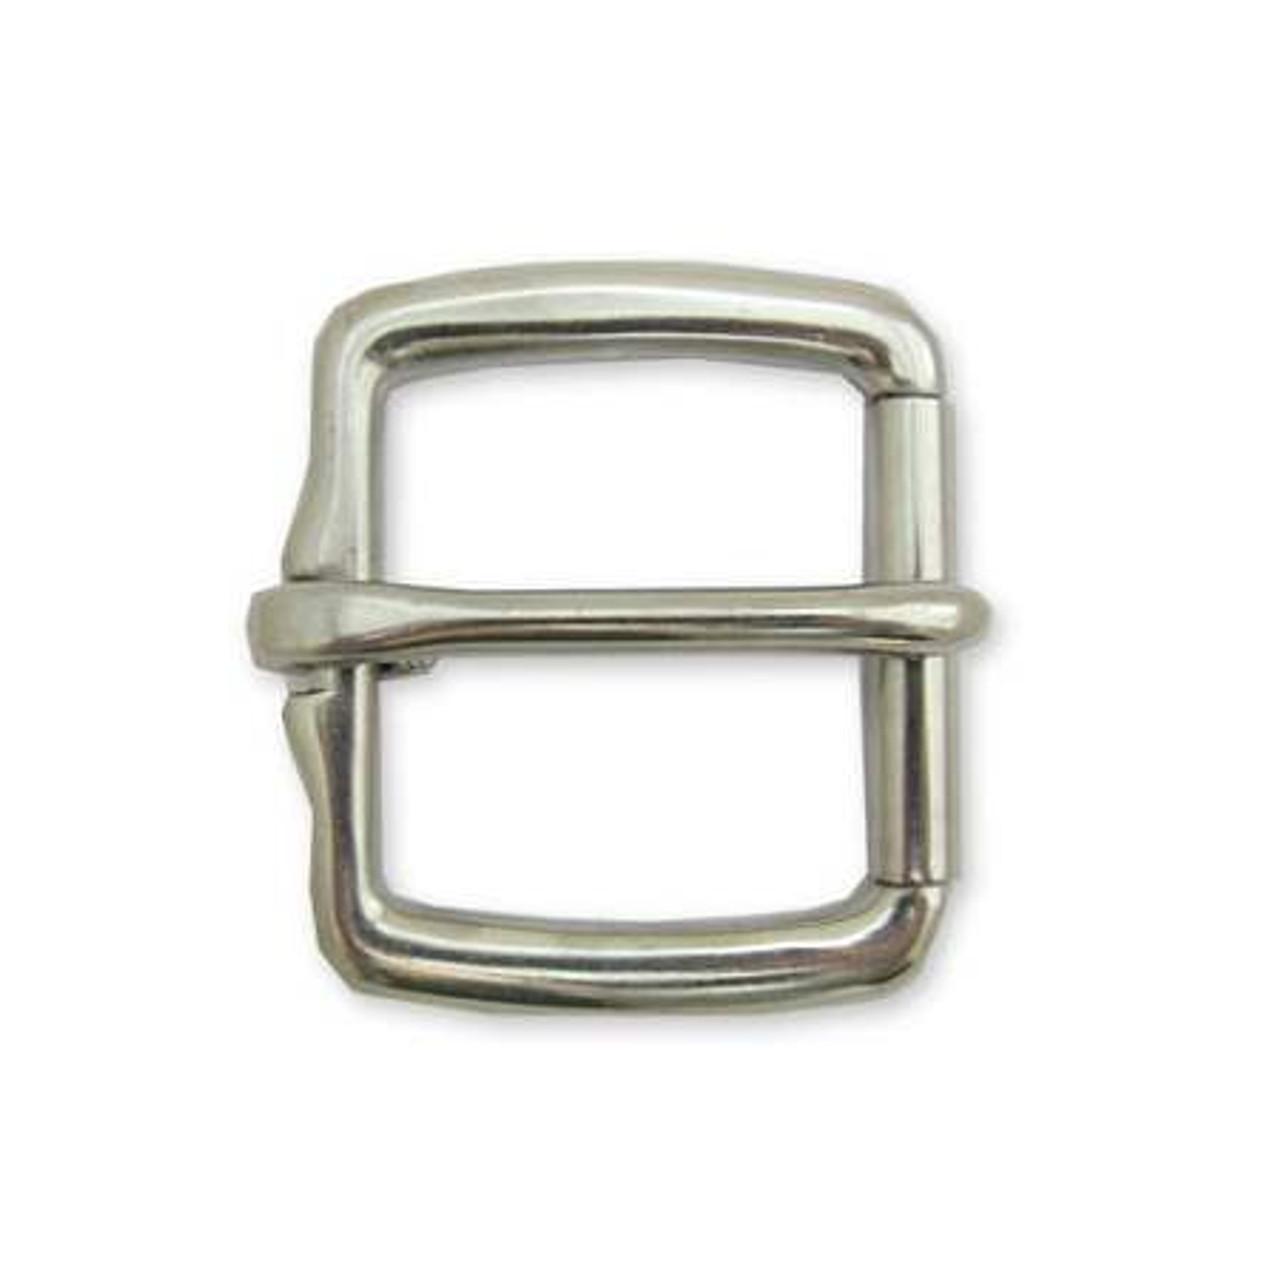 silver belt buckle